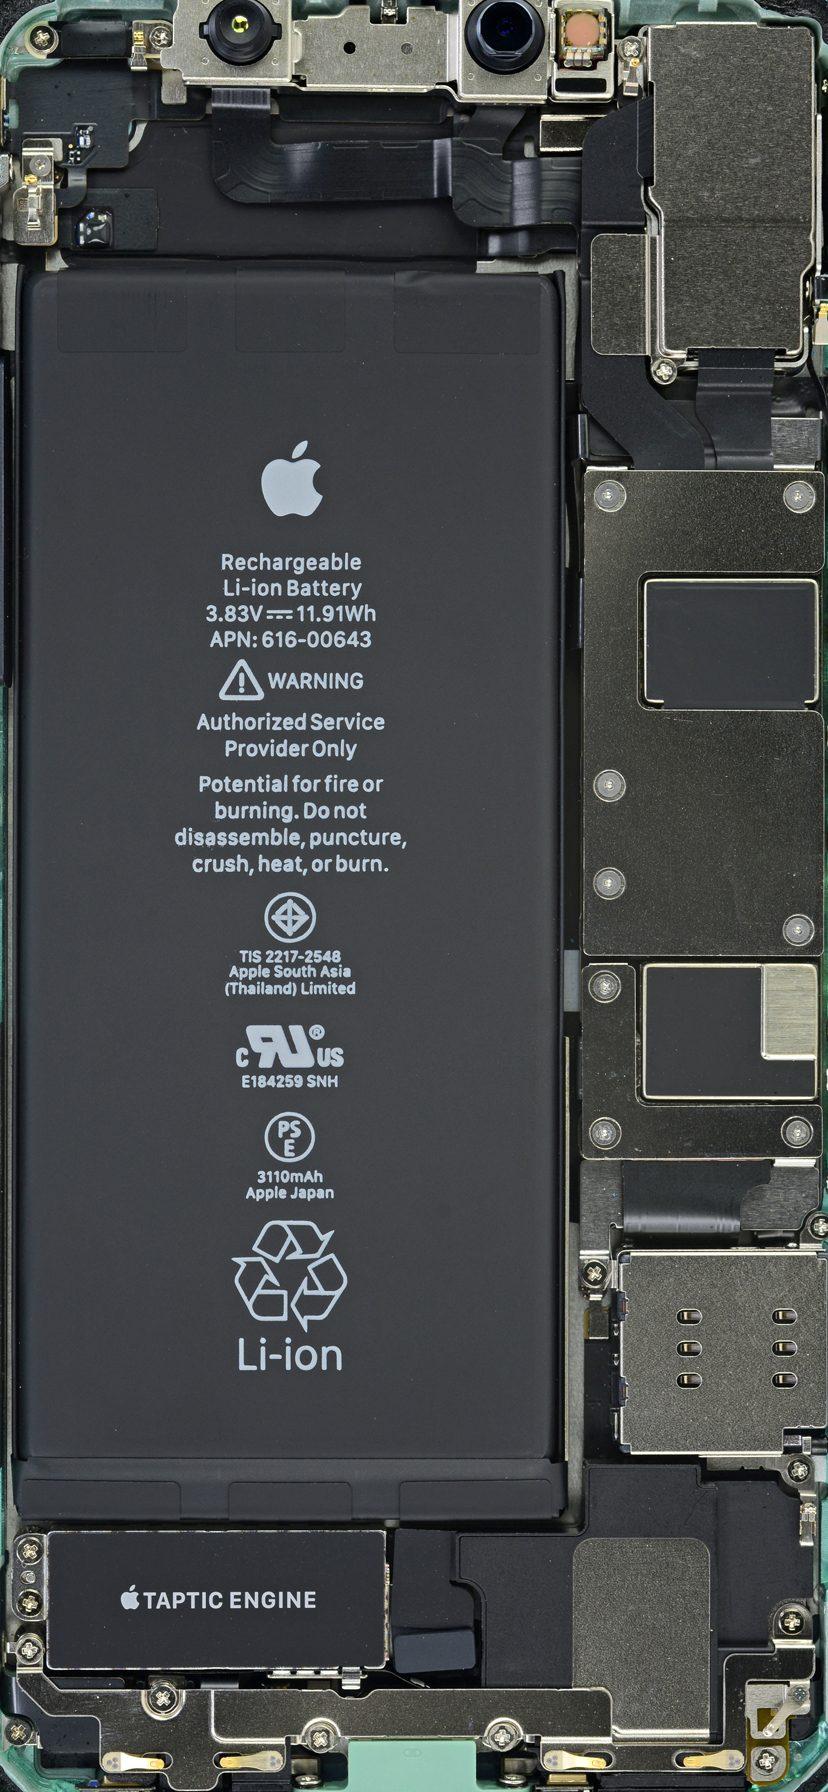 Sfondi iPhone 11 a raggi X, stupite con questi wallpaper